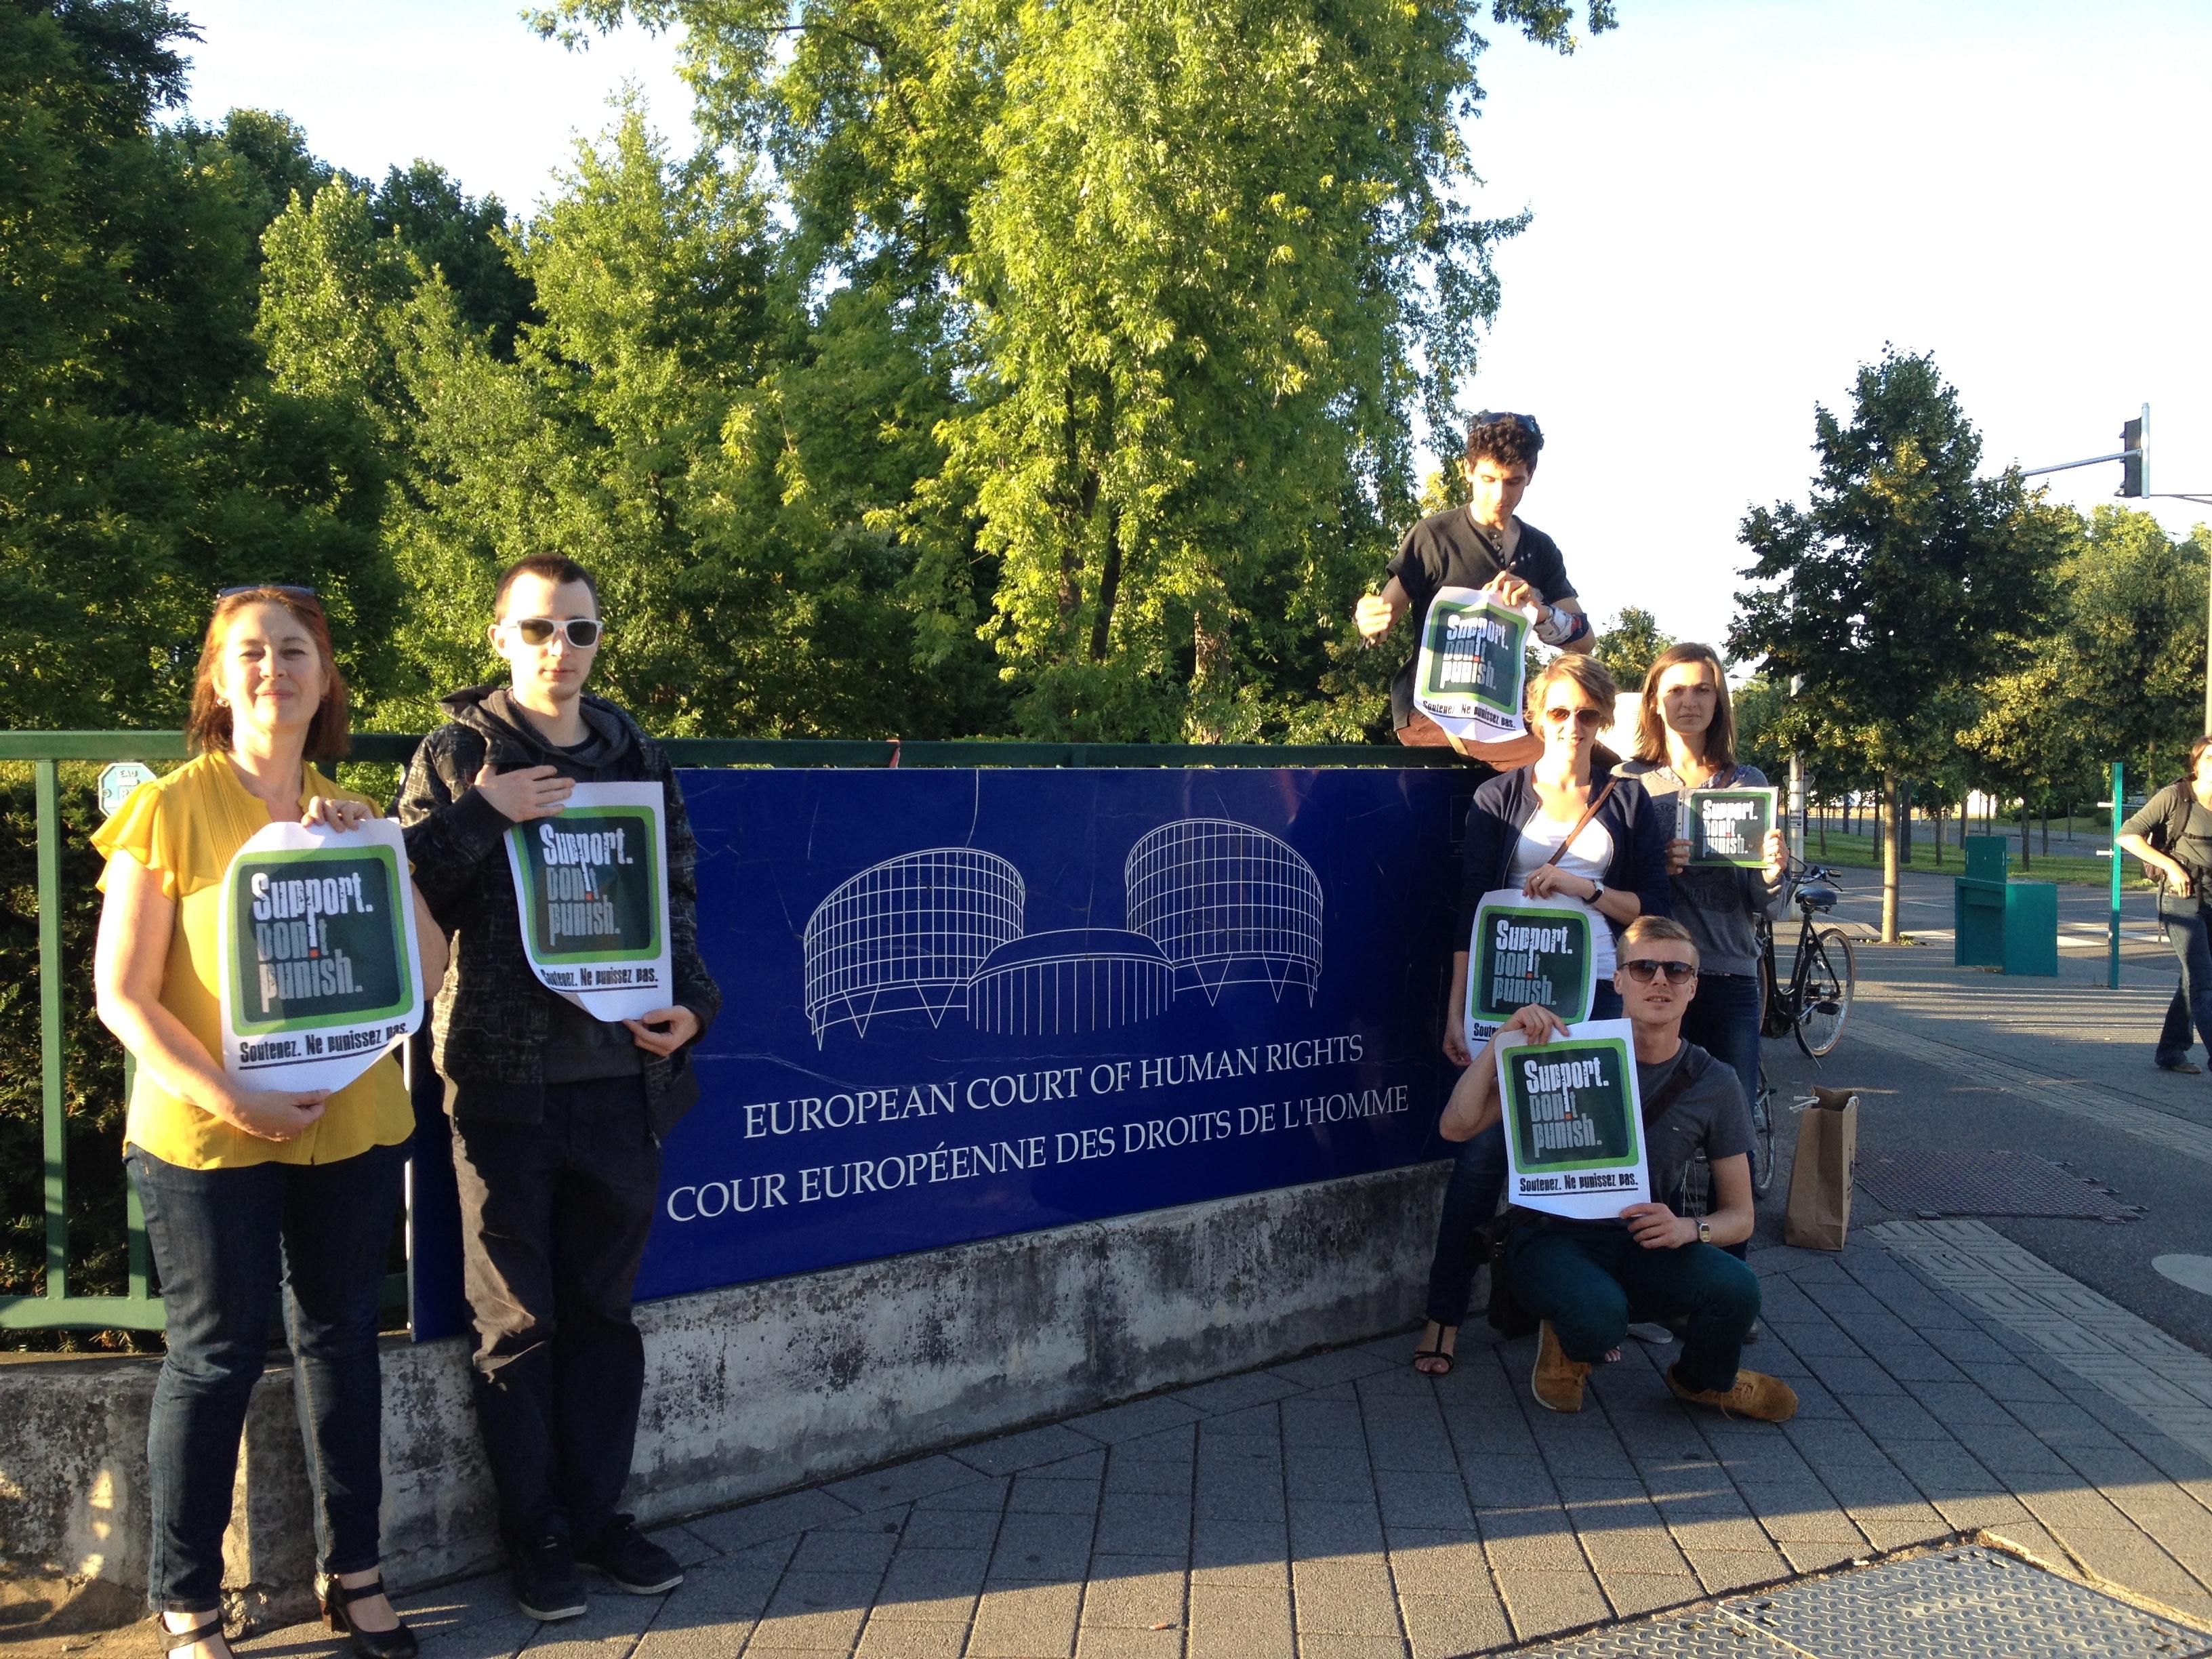 Court européenne des droits de l'Homme